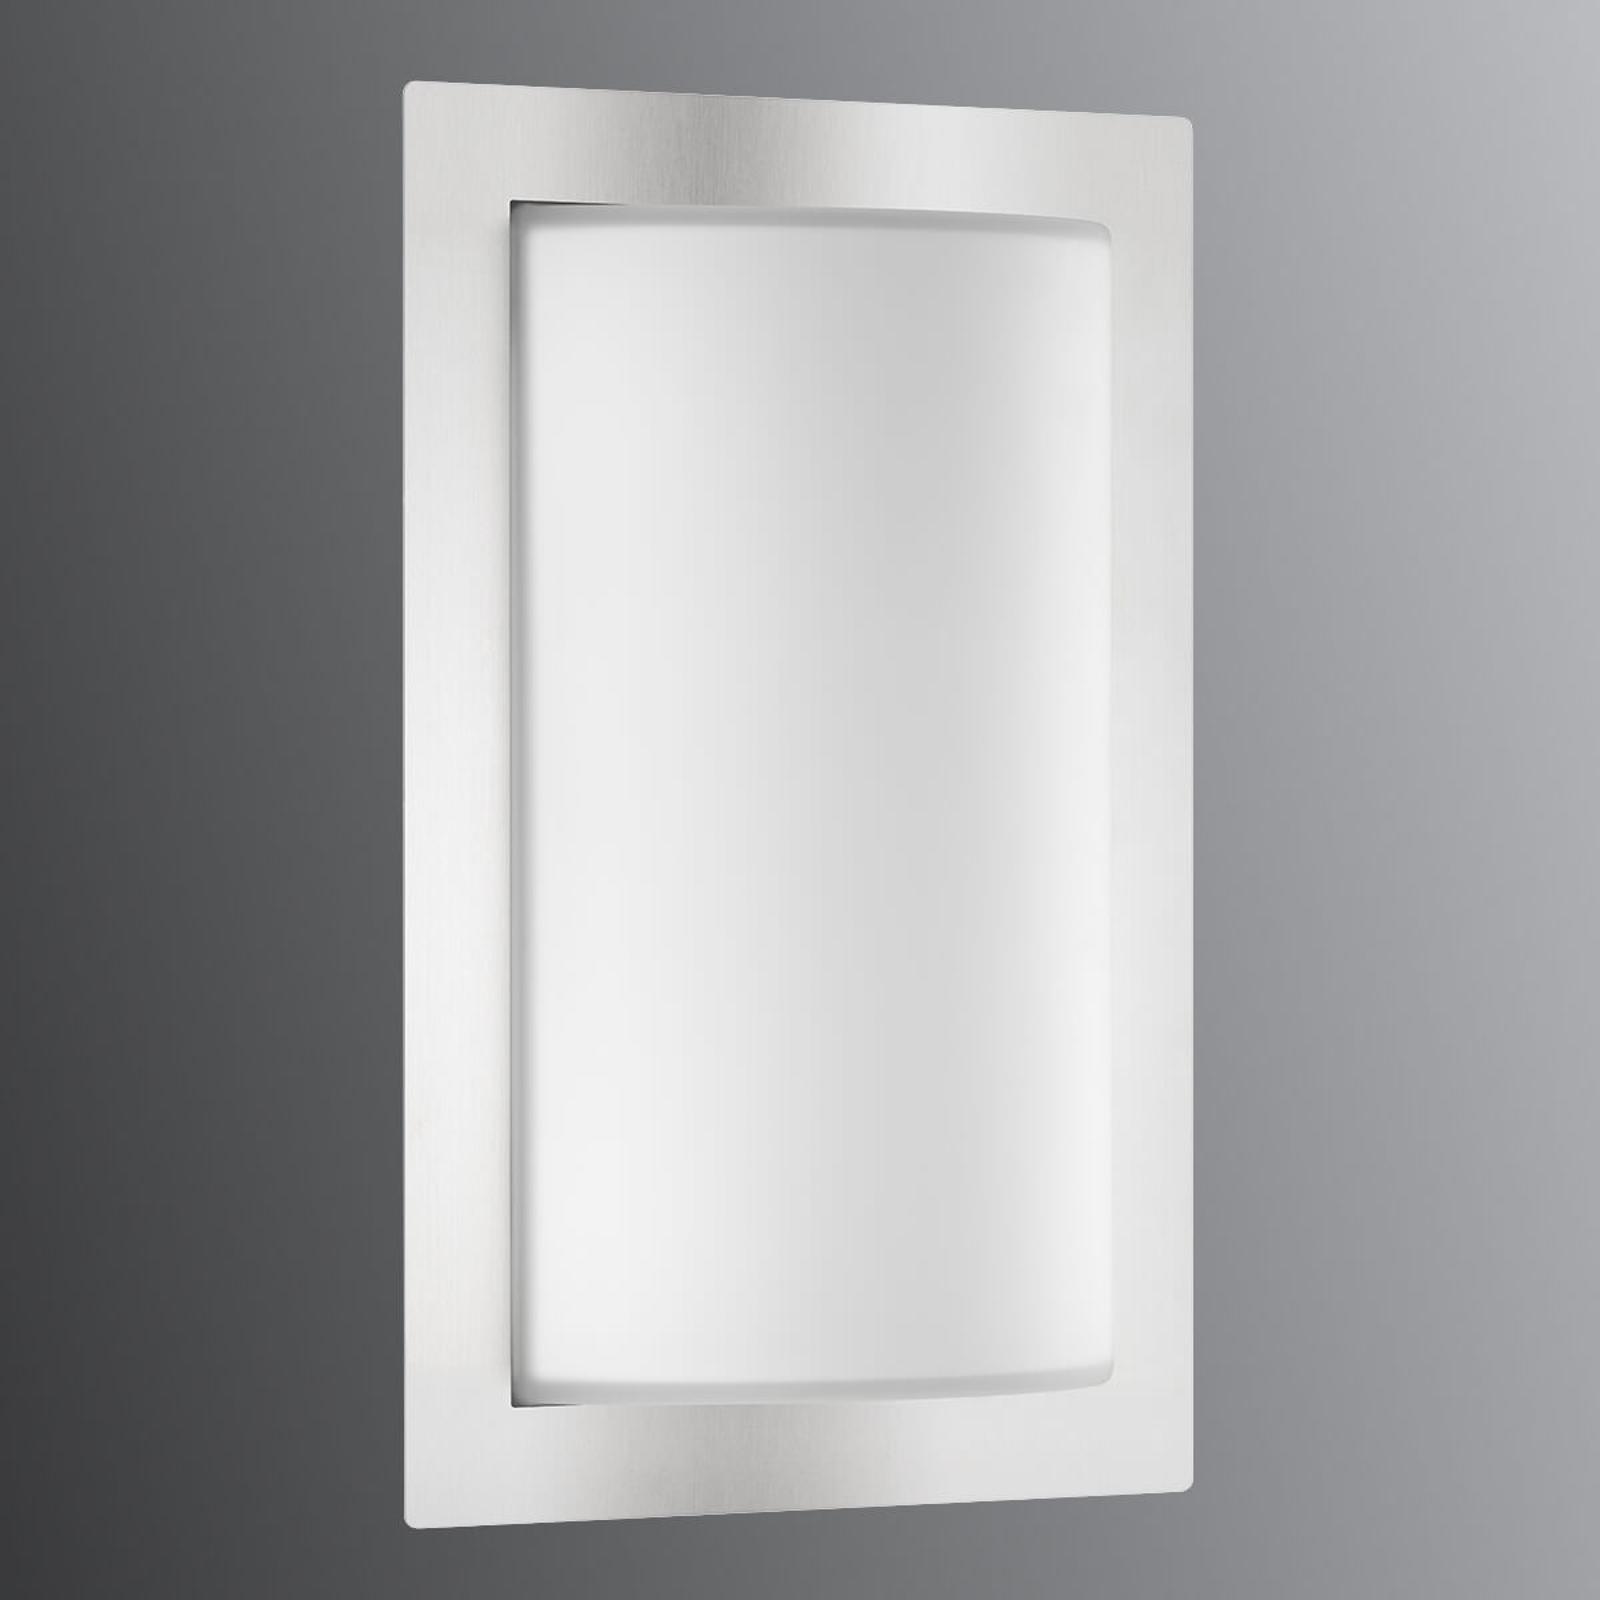 Luis kvalitativ utendørs LED-vegglampe